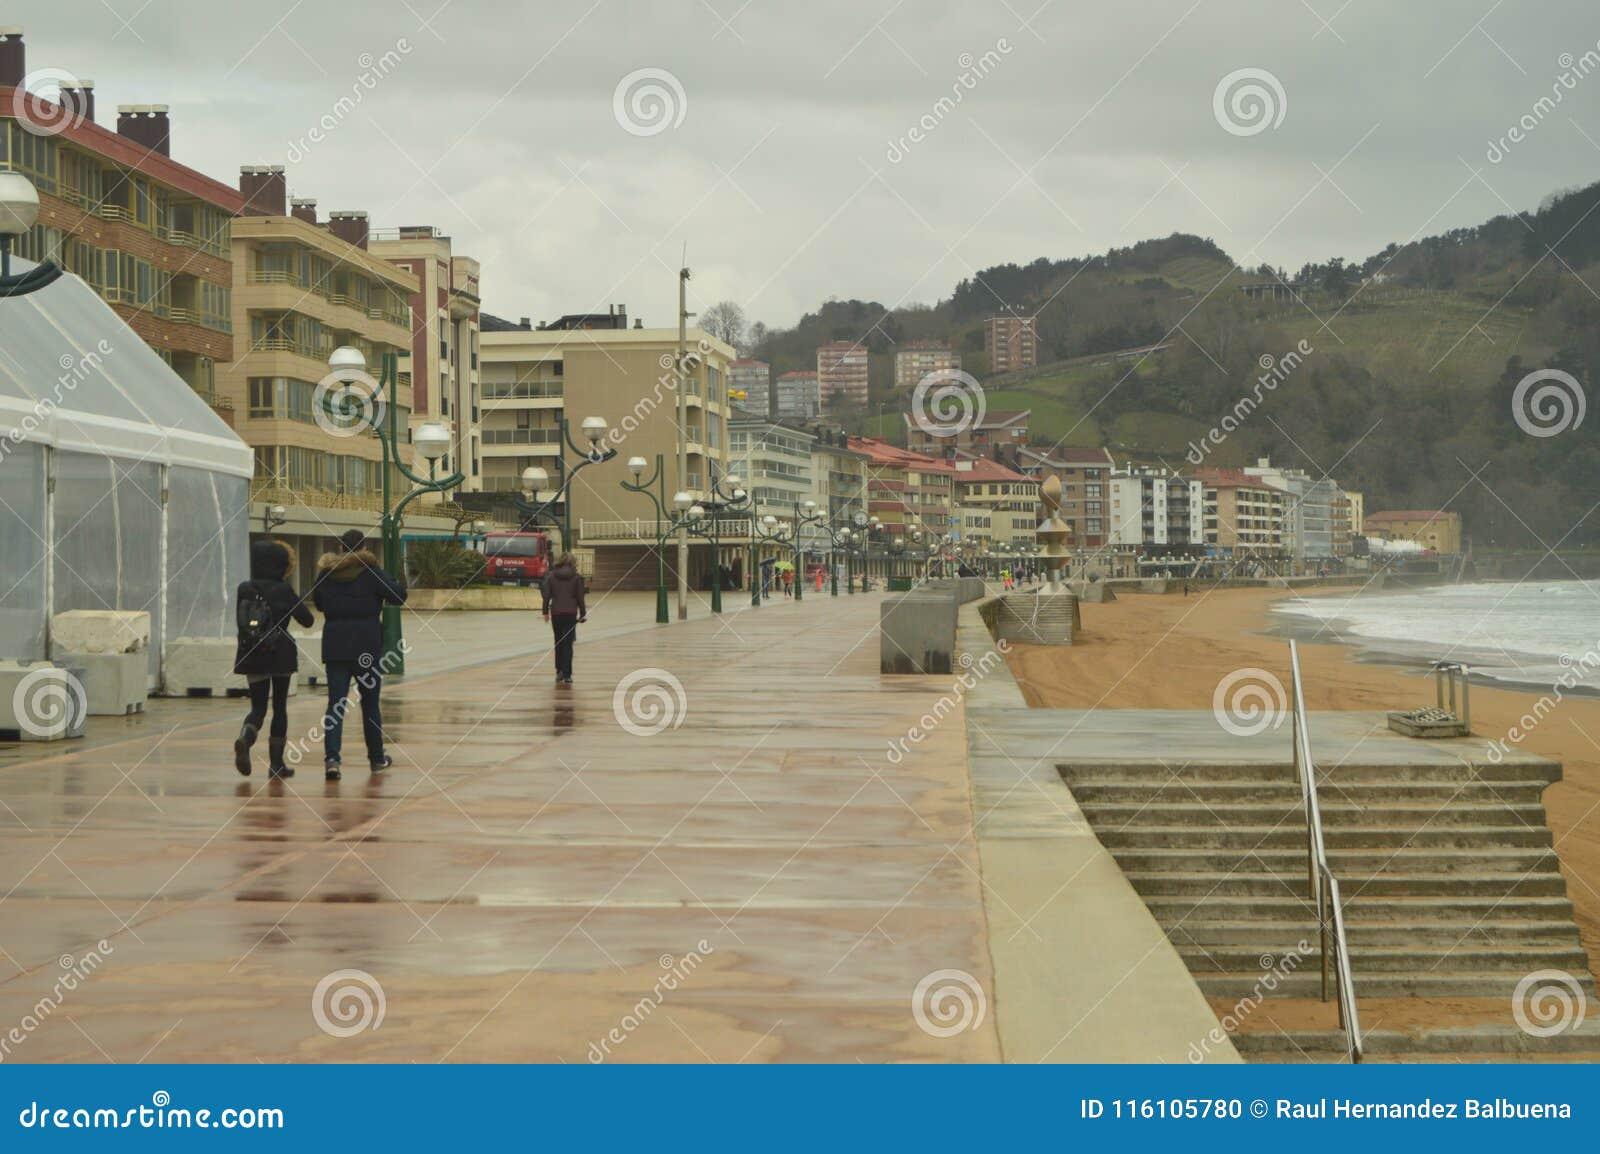 Paseo marítimo infinito de Zarauz en un día lluvioso con el fuerte viento causado por el Hugo temporal Naturaleza del viaje de lo